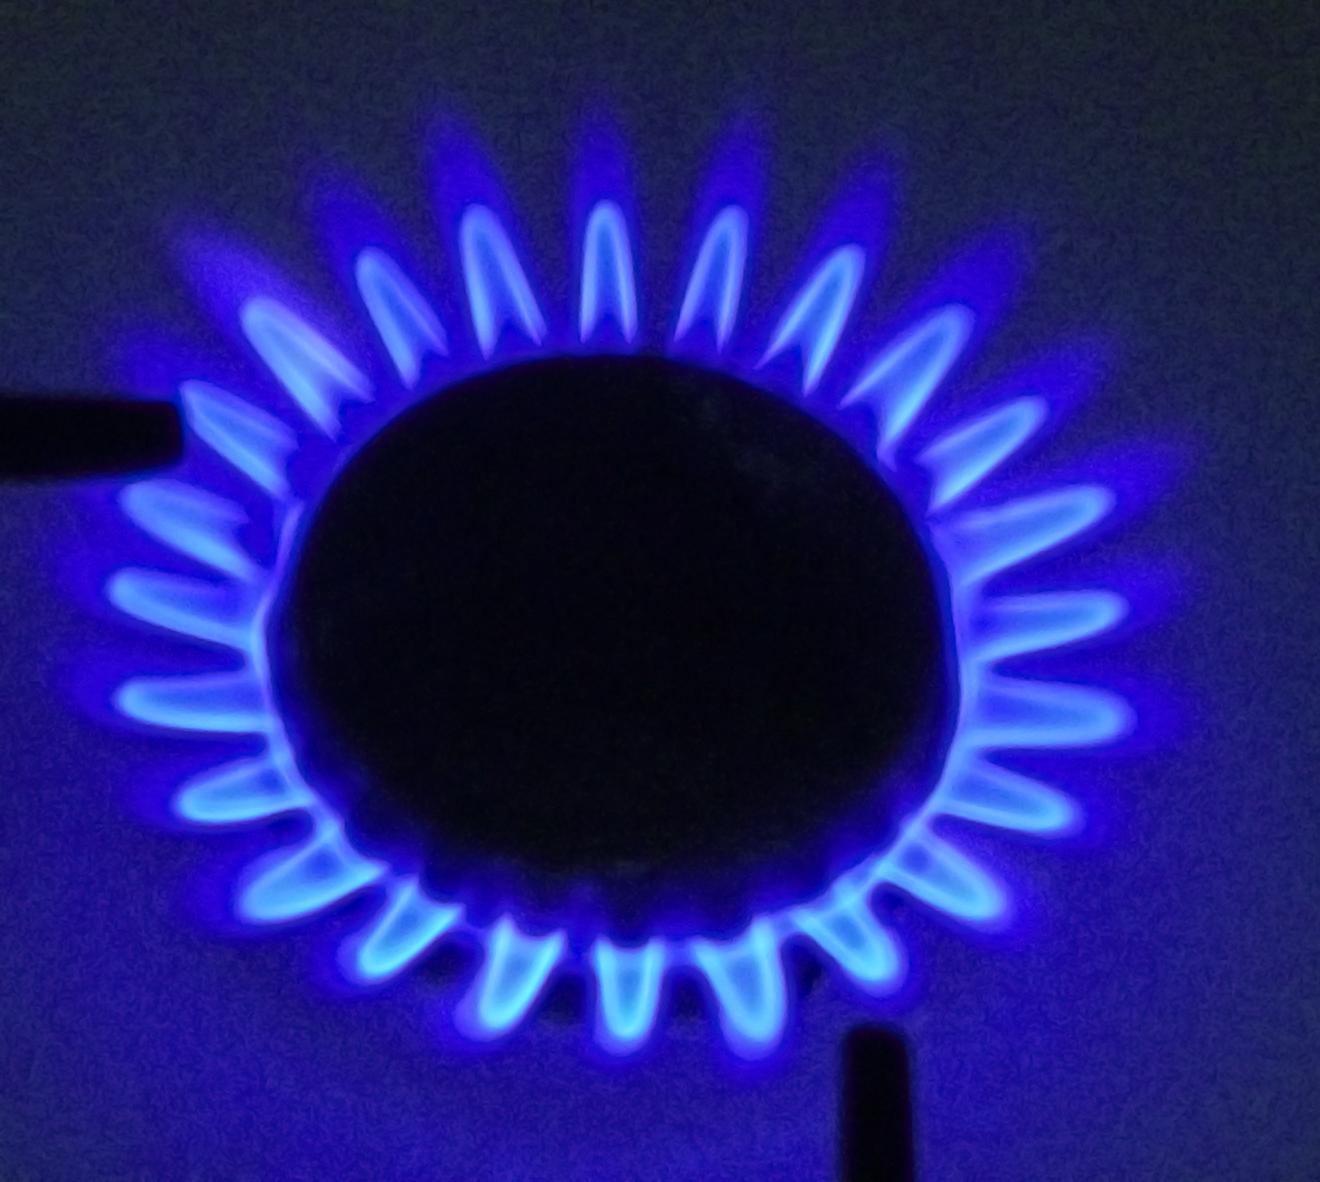 تعرفههای جدید گاز در سال ۹۳ تعیین شد/افزایش ۲۰ درصدی قیمت مصارف خانگی از اول فروردین